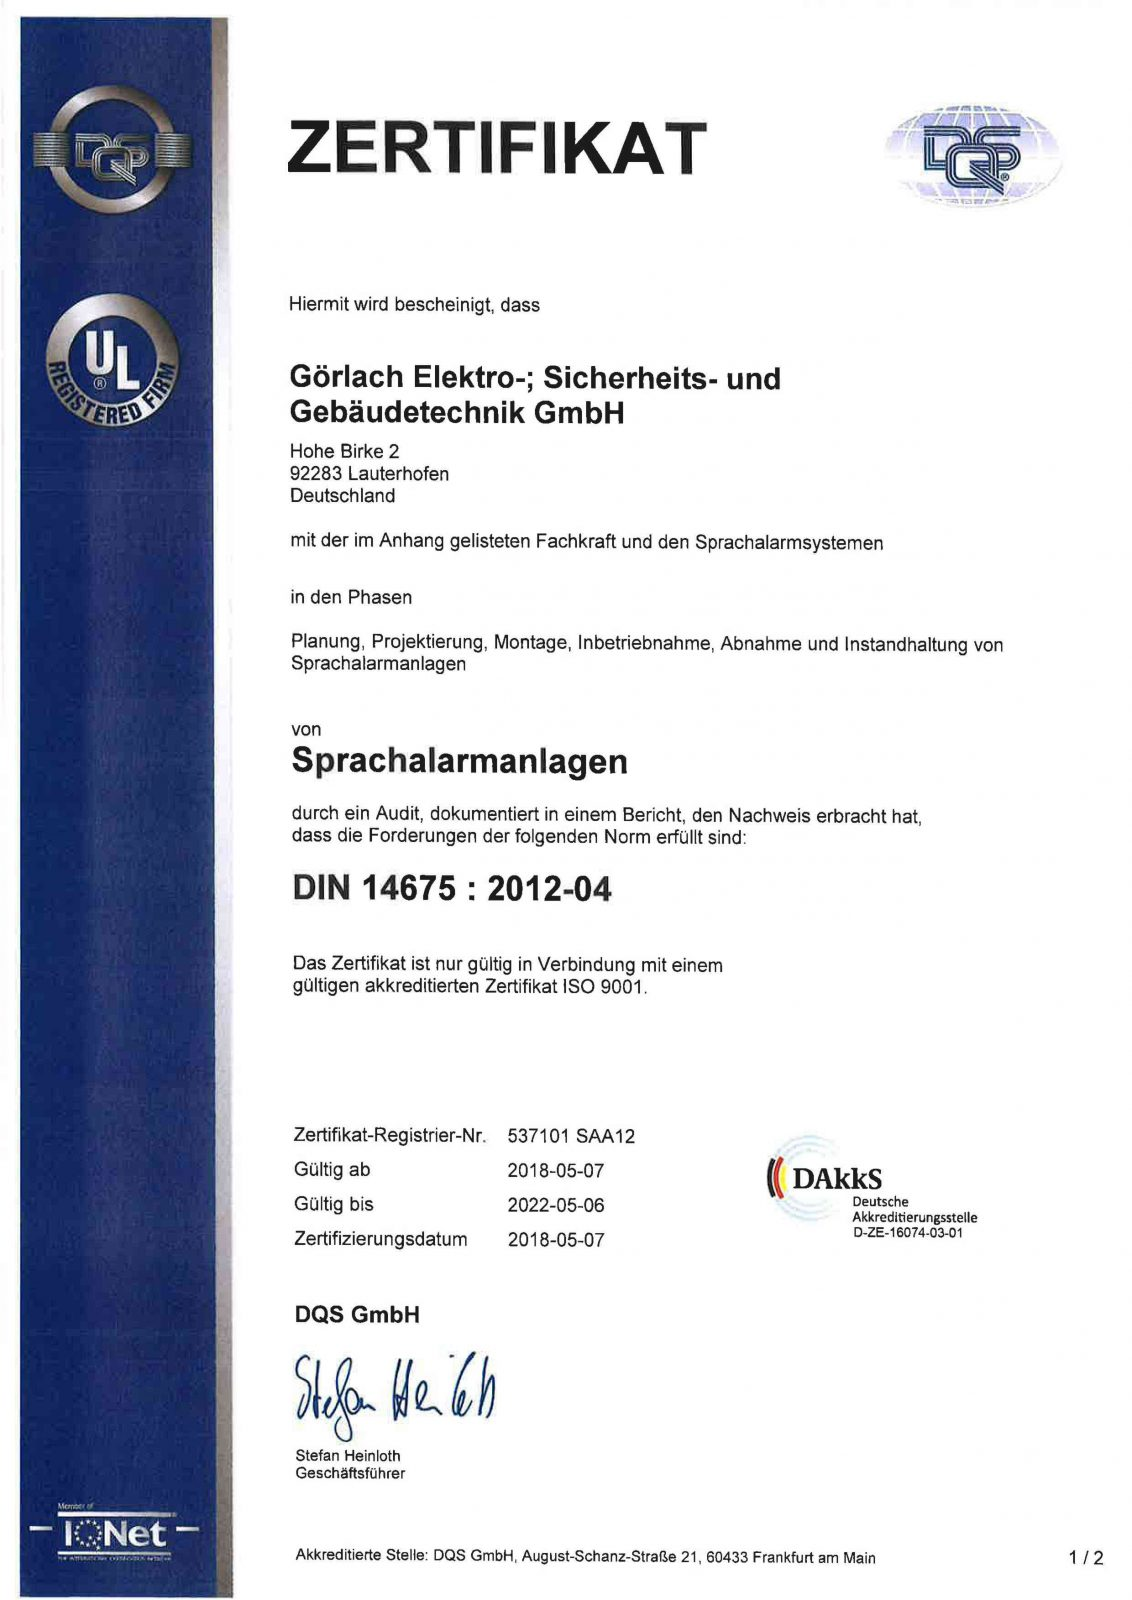 Zertifikat_Sprachalarmanlagen_DIN Seite1